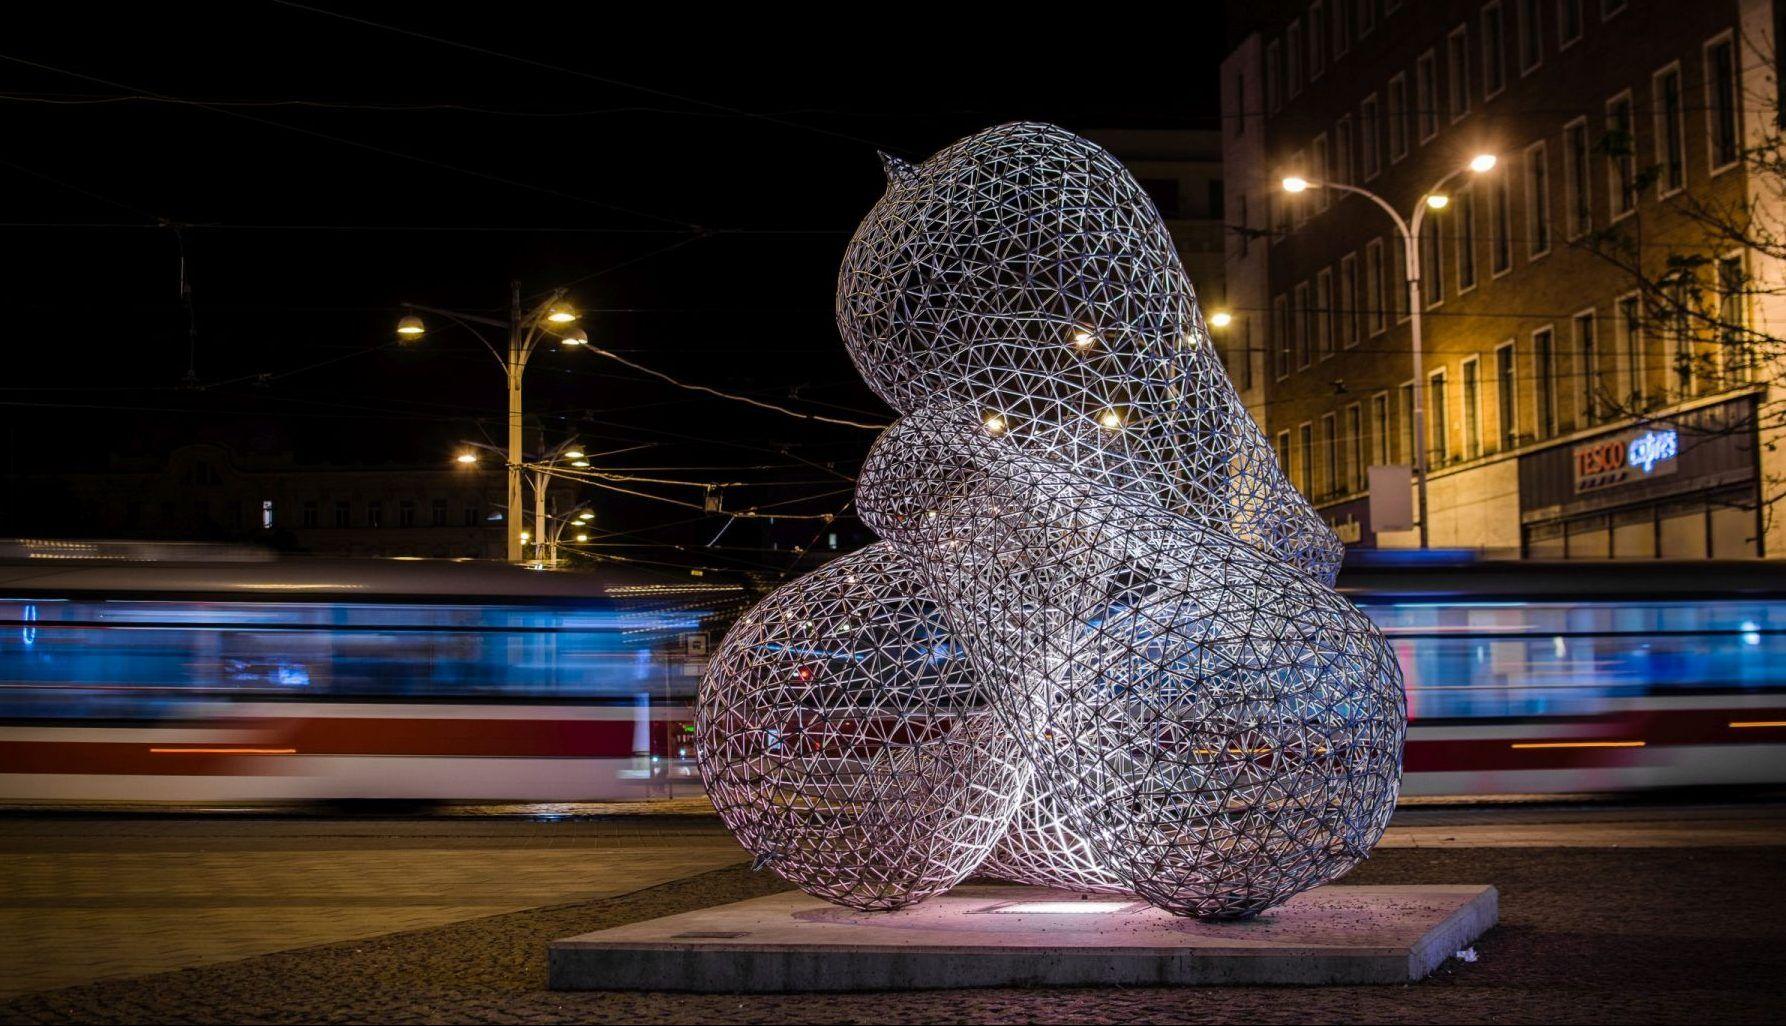 socha Pocta T. A. Edisonovi v Brně